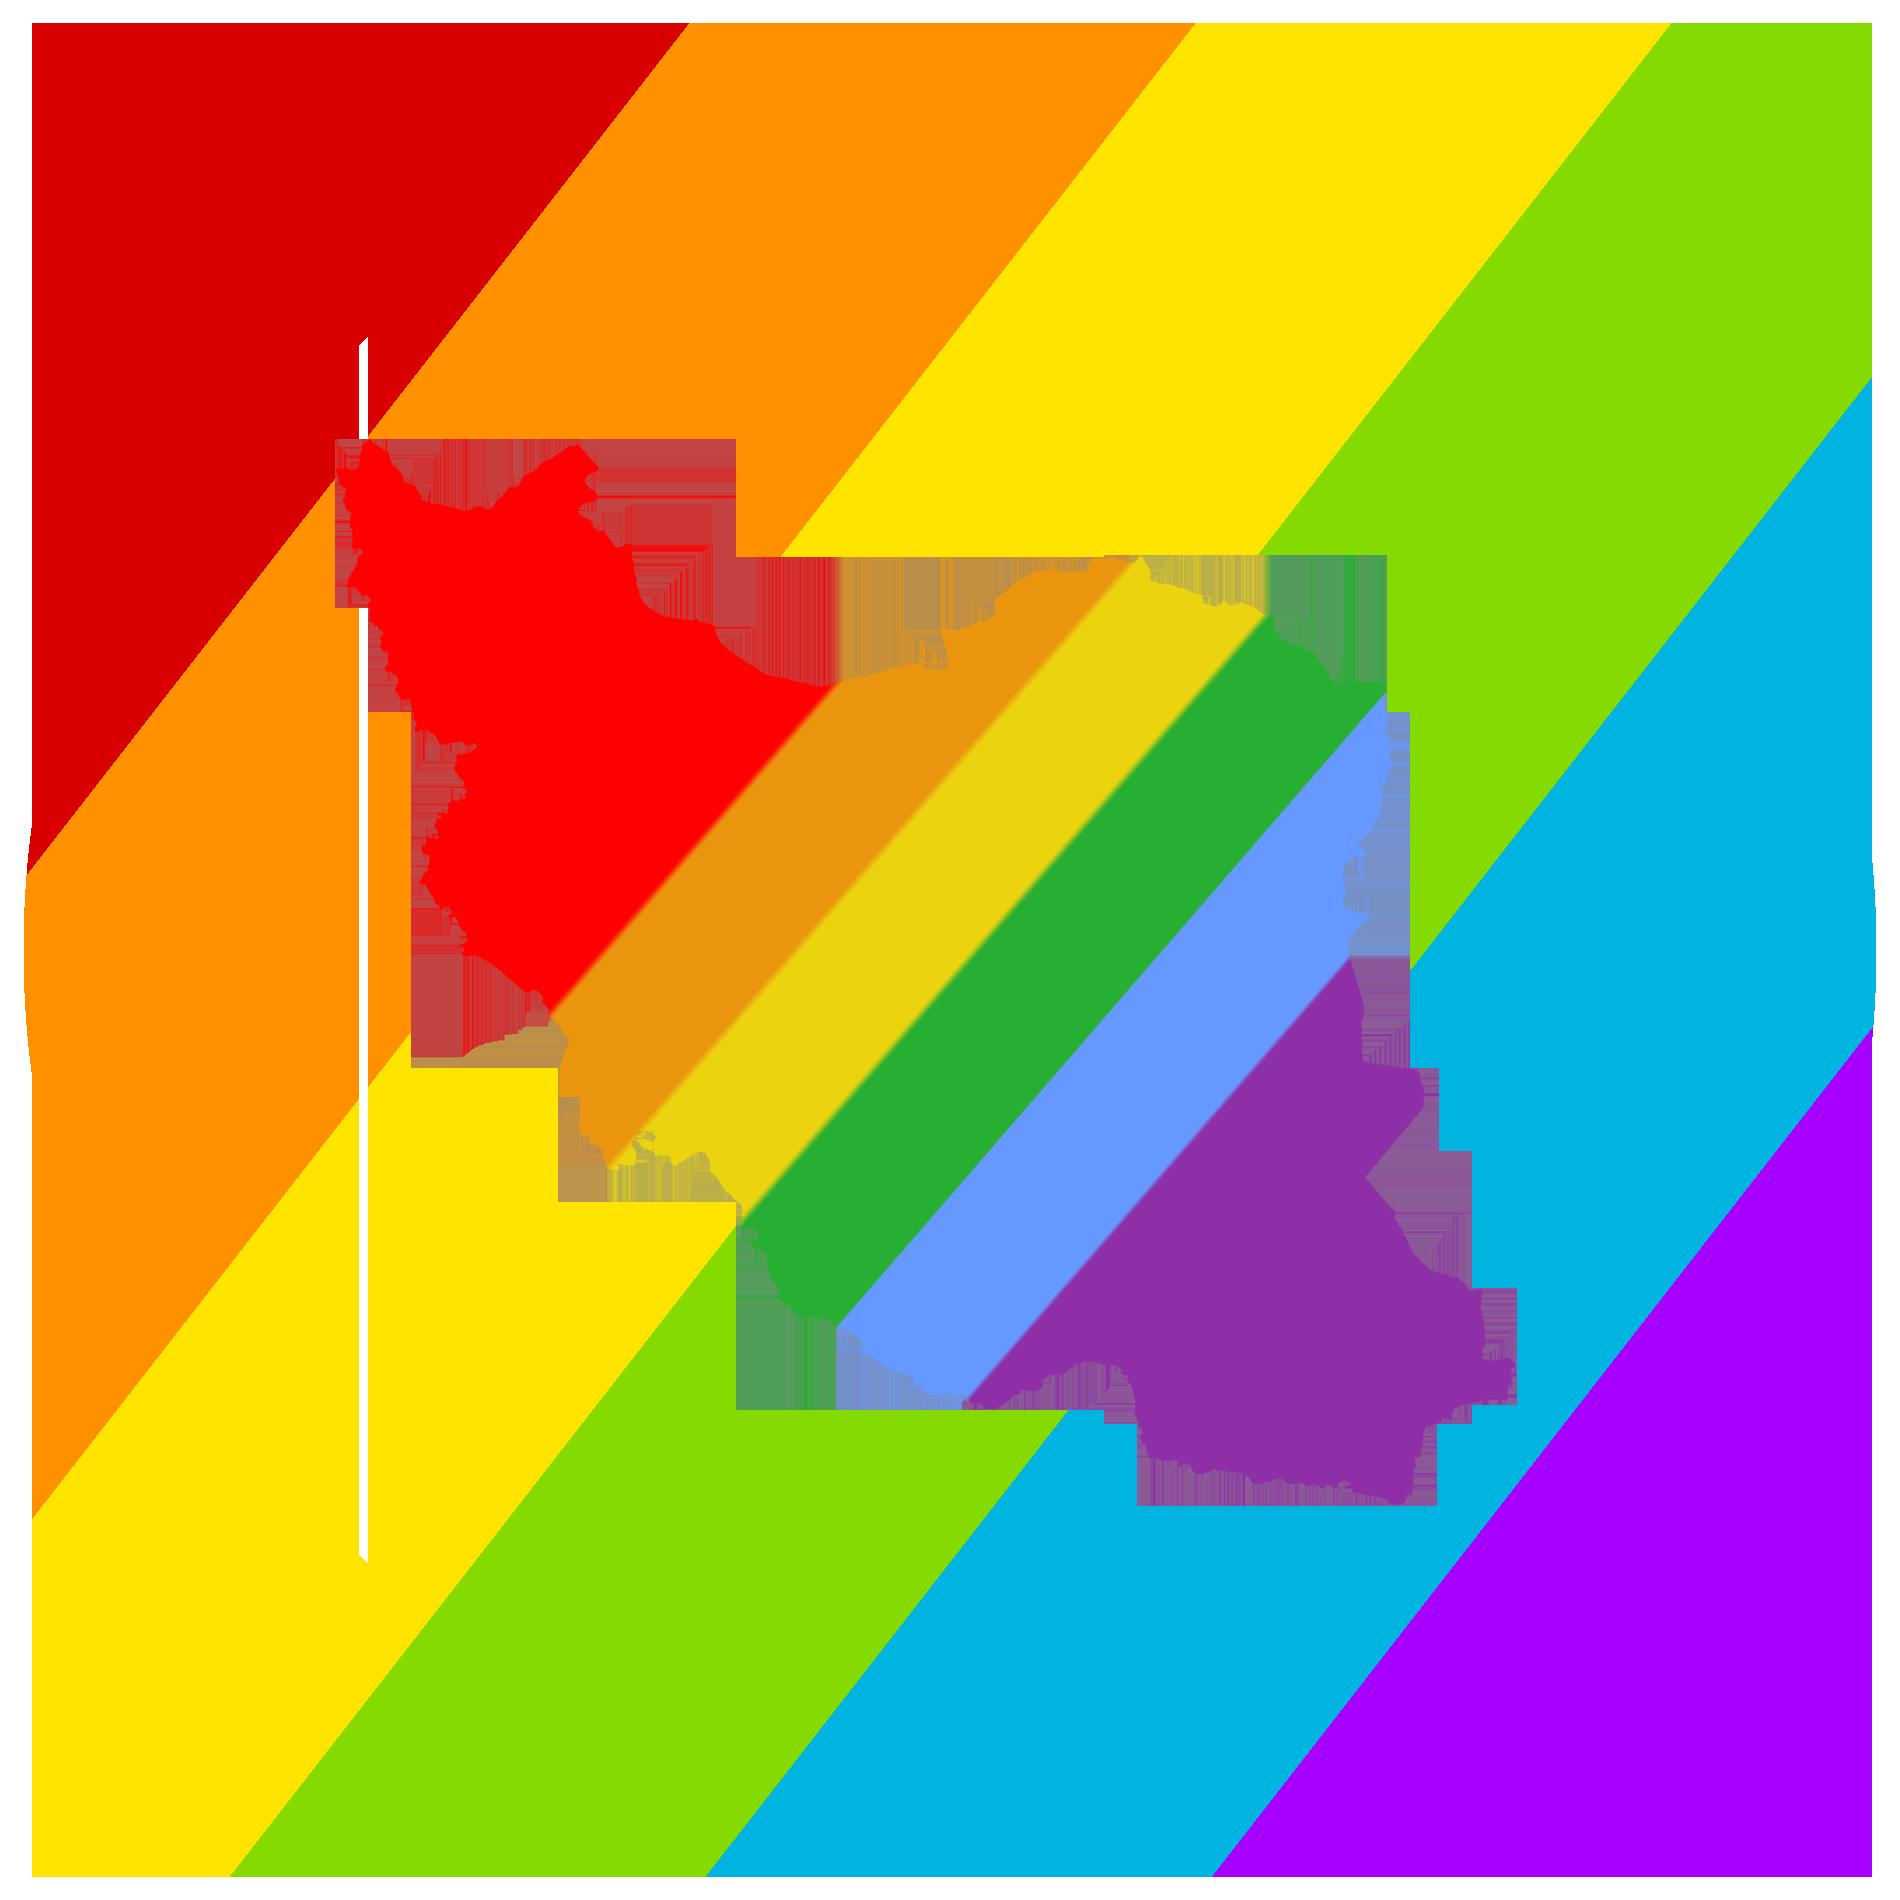 روز افتخار رنگینکمانیهای ایران